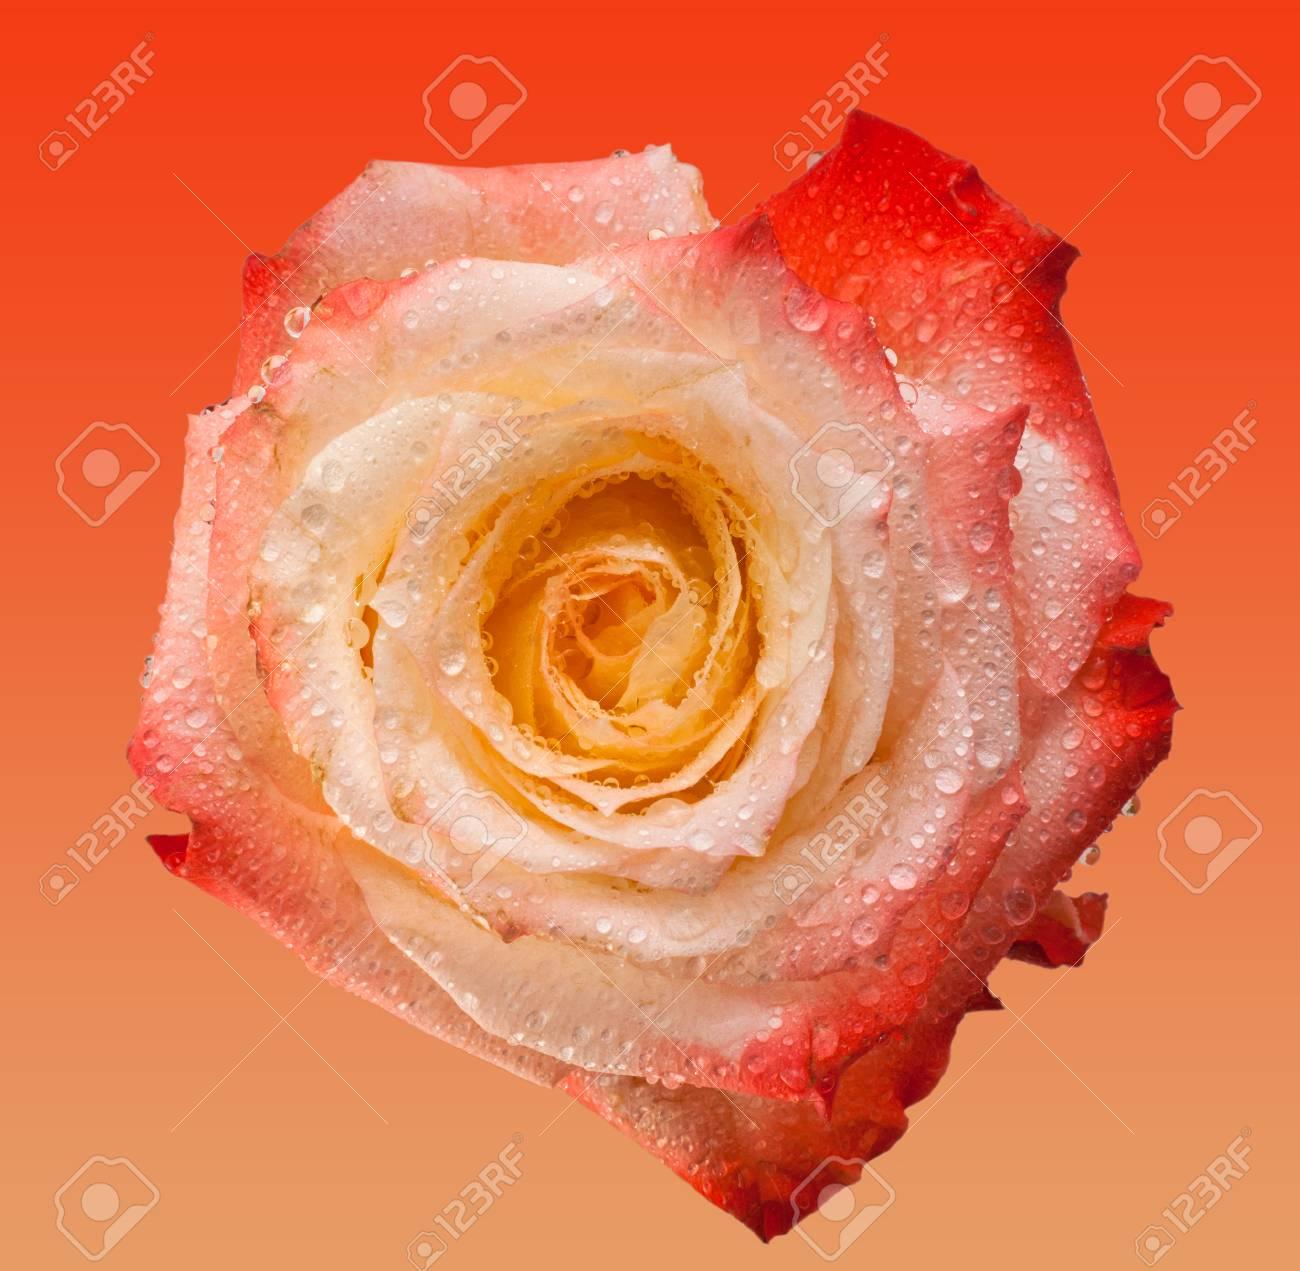 Rosa E Tè Di Fiori Su Sfondo Rosa Tenero Rosa Bella Testa E Acqua Di Rose Dropsmacro Foto Di Tè Rosa Vicino